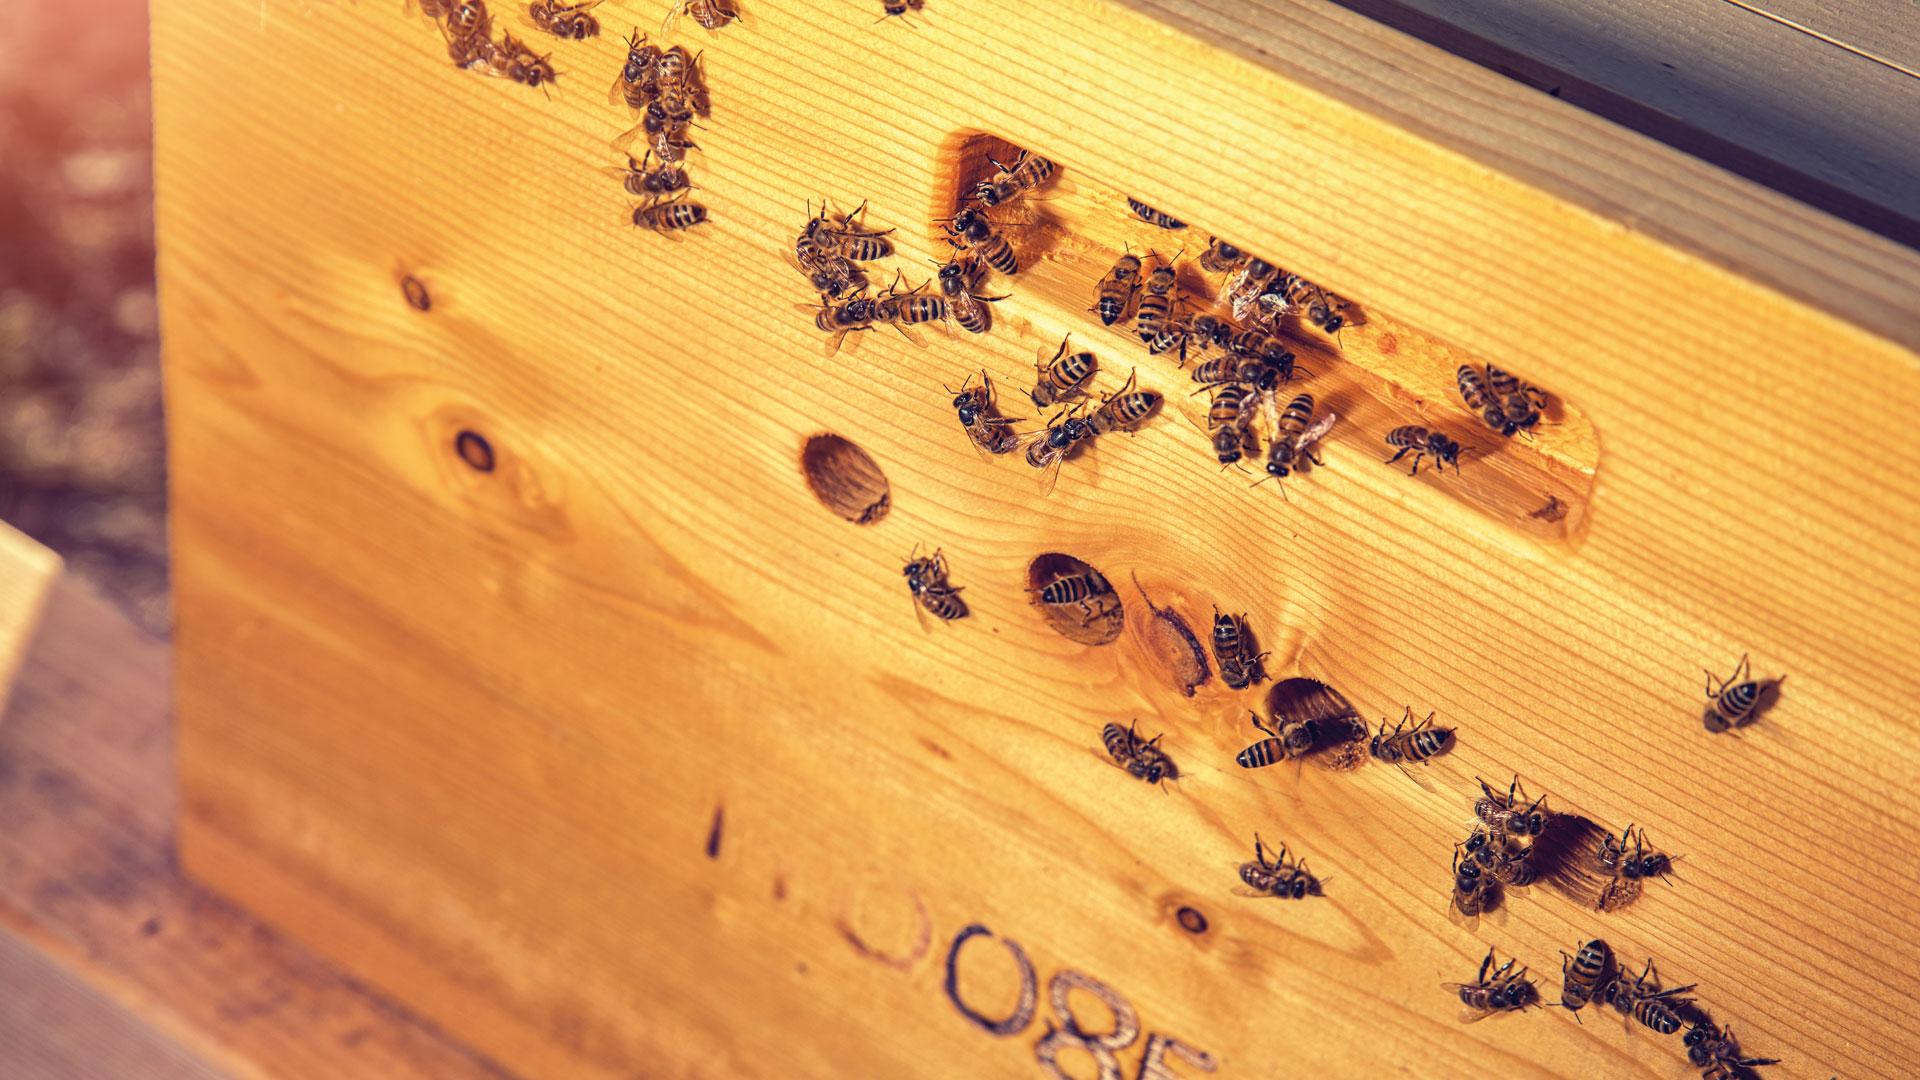 02_Fatevobees-mission-come-lo-facciamo-famiglia-miele-in-favo-apicoltori